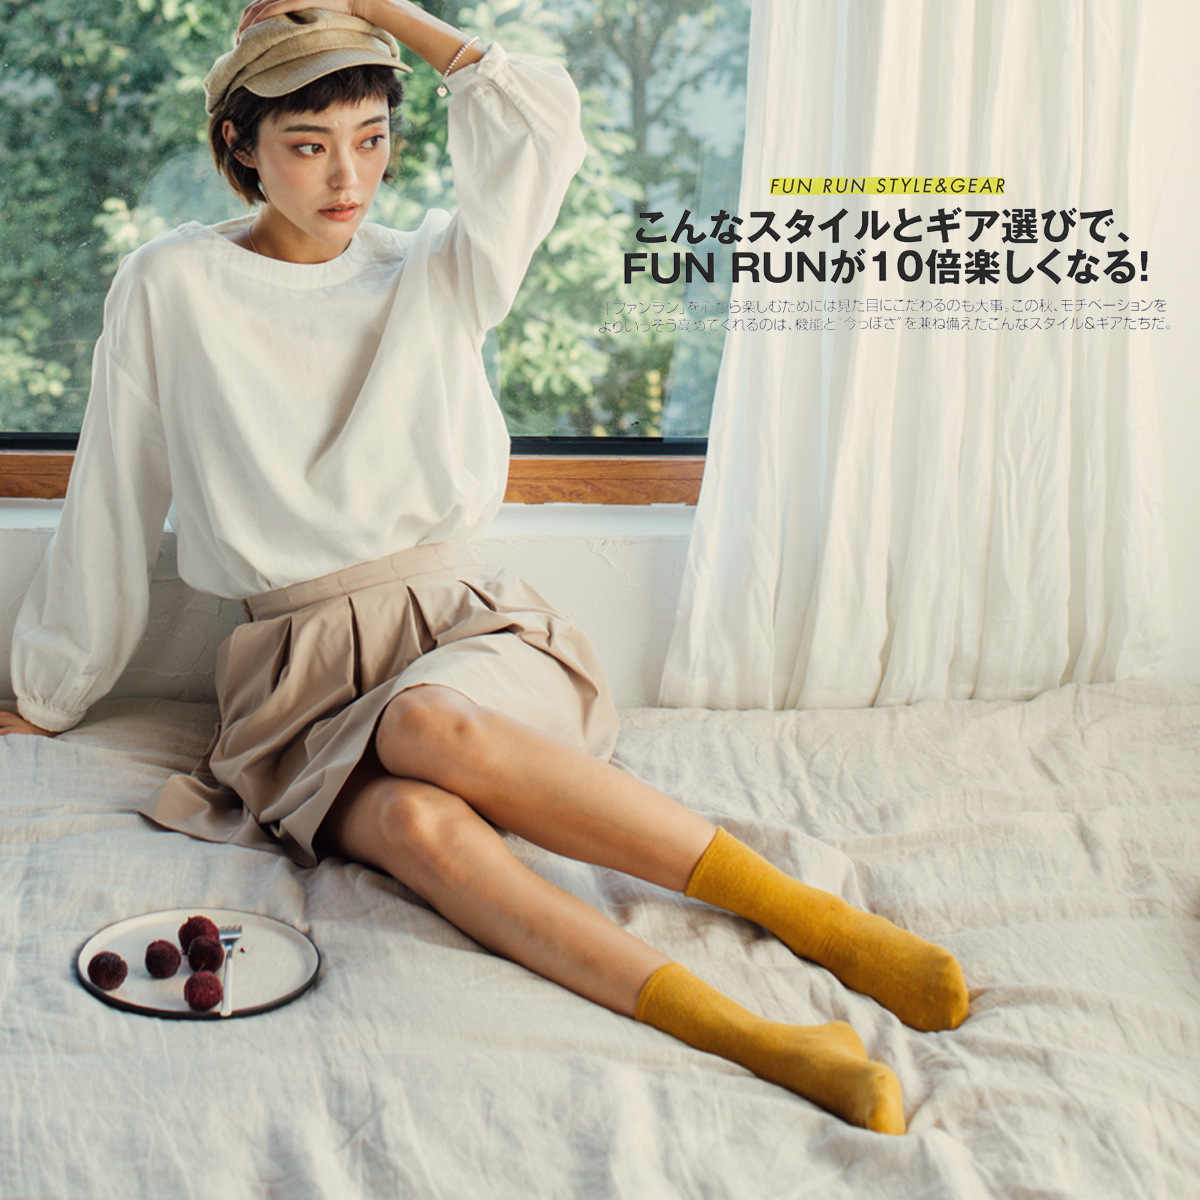 多色クルーソックス女性のソリッドカラーのファッション靴下女性ワイナー新しい人格消臭クリエイティブトレンドスタイルの靴下の女性